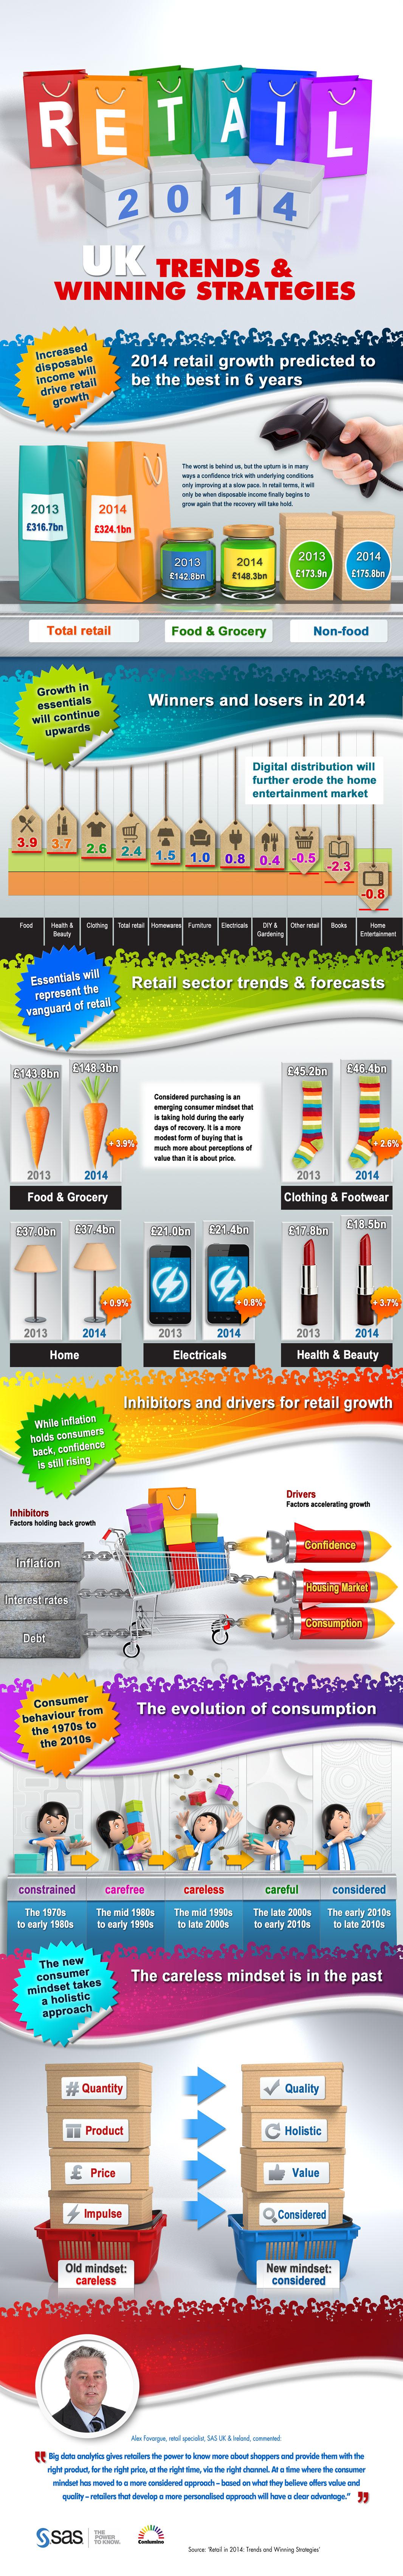 SAS_infoGraphic_Retail_2014